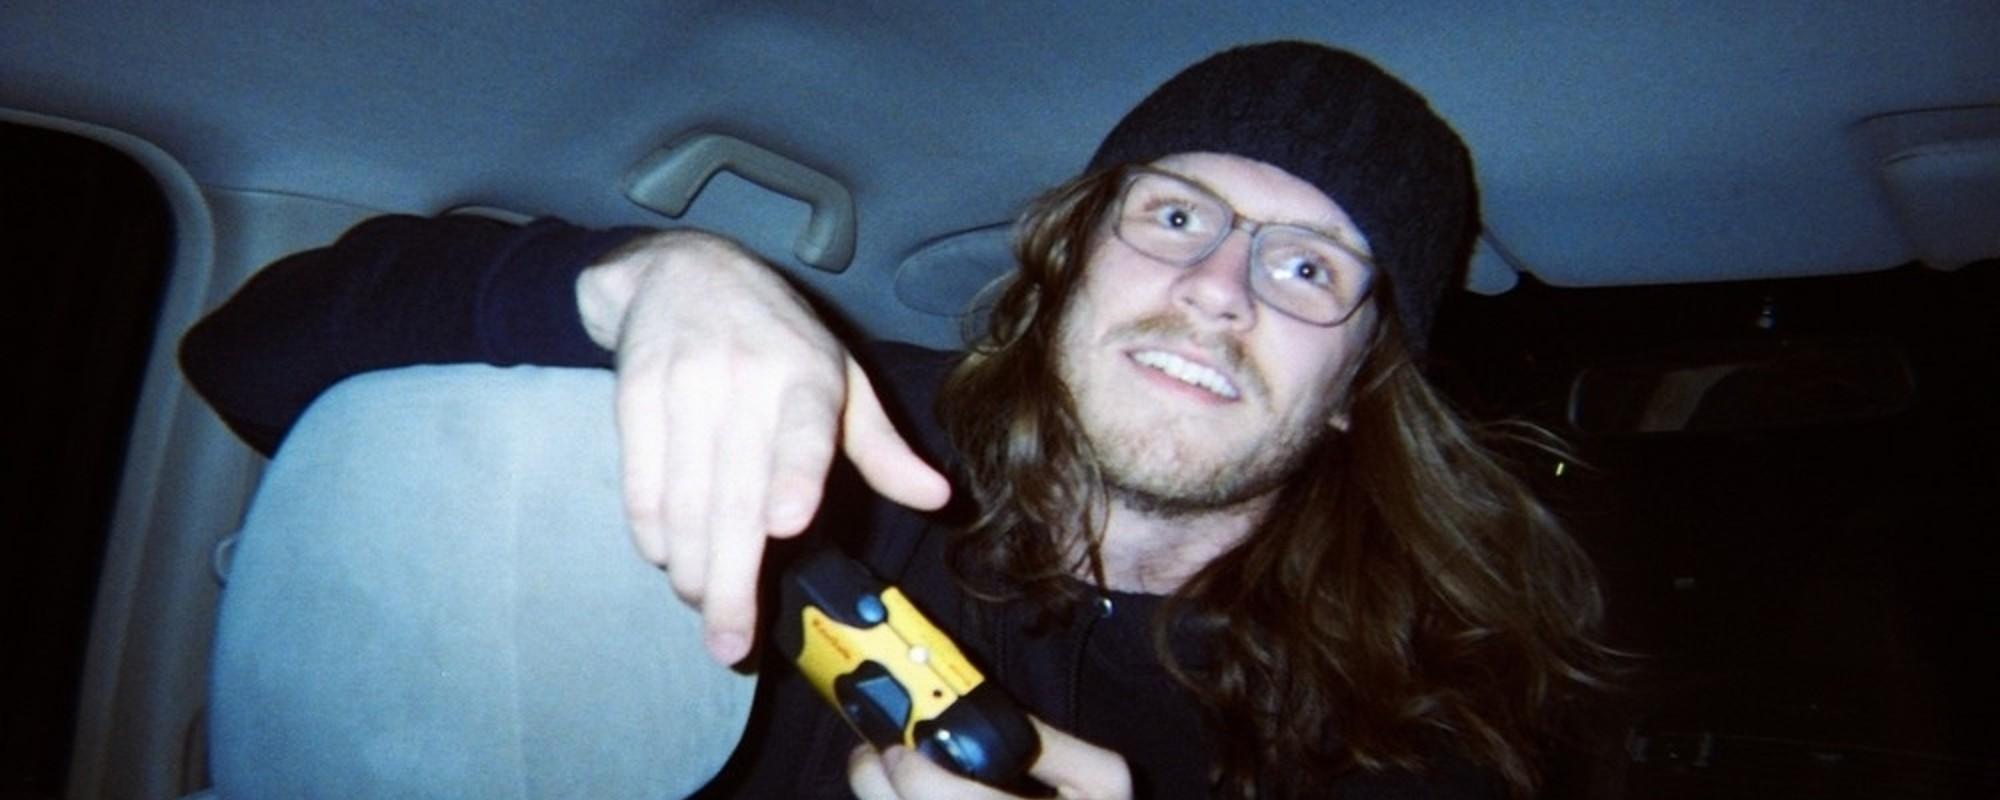 Taxikář, kterej fotí svoje opilý zákazníky